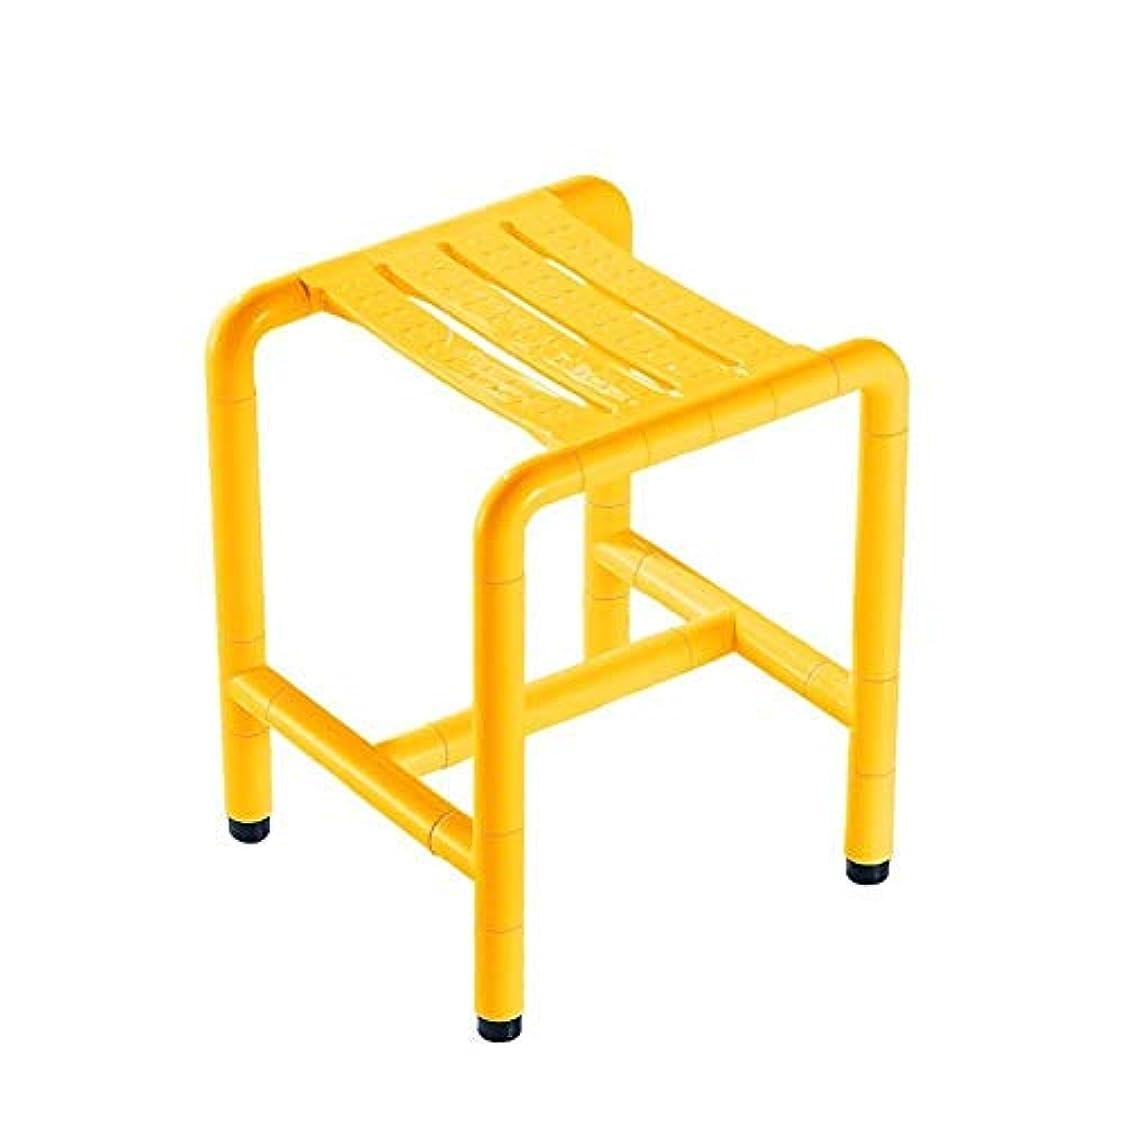 給料誇張鎮静剤バスシート、軽量高さ調節可能なシャワースツール、バスルームの安全性とセキュリティ、高齢者、身体障害者 (Color : 黄)